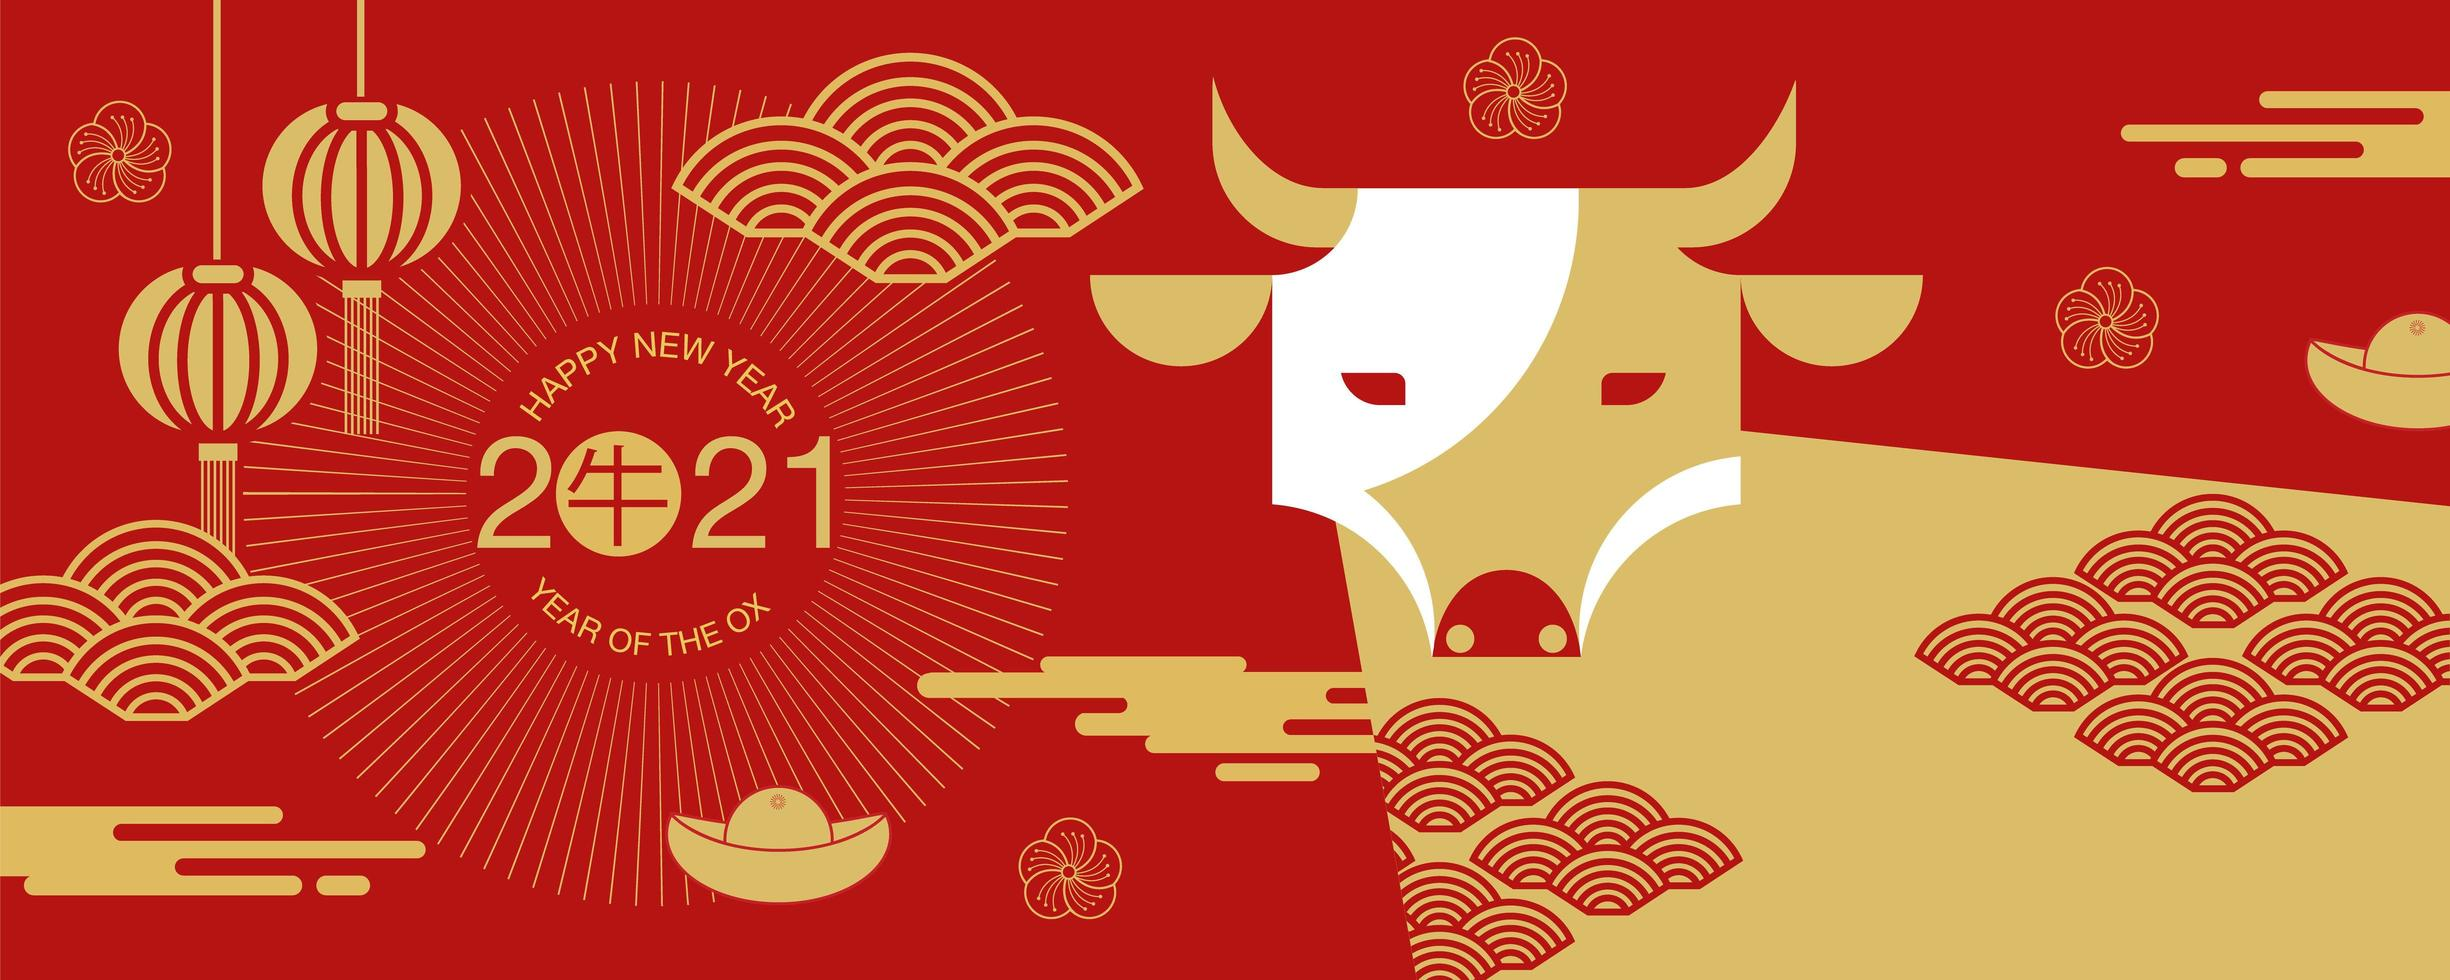 chinesisches Neujahrsbanner 2021 mit Vorderansicht des Ochsen vektor